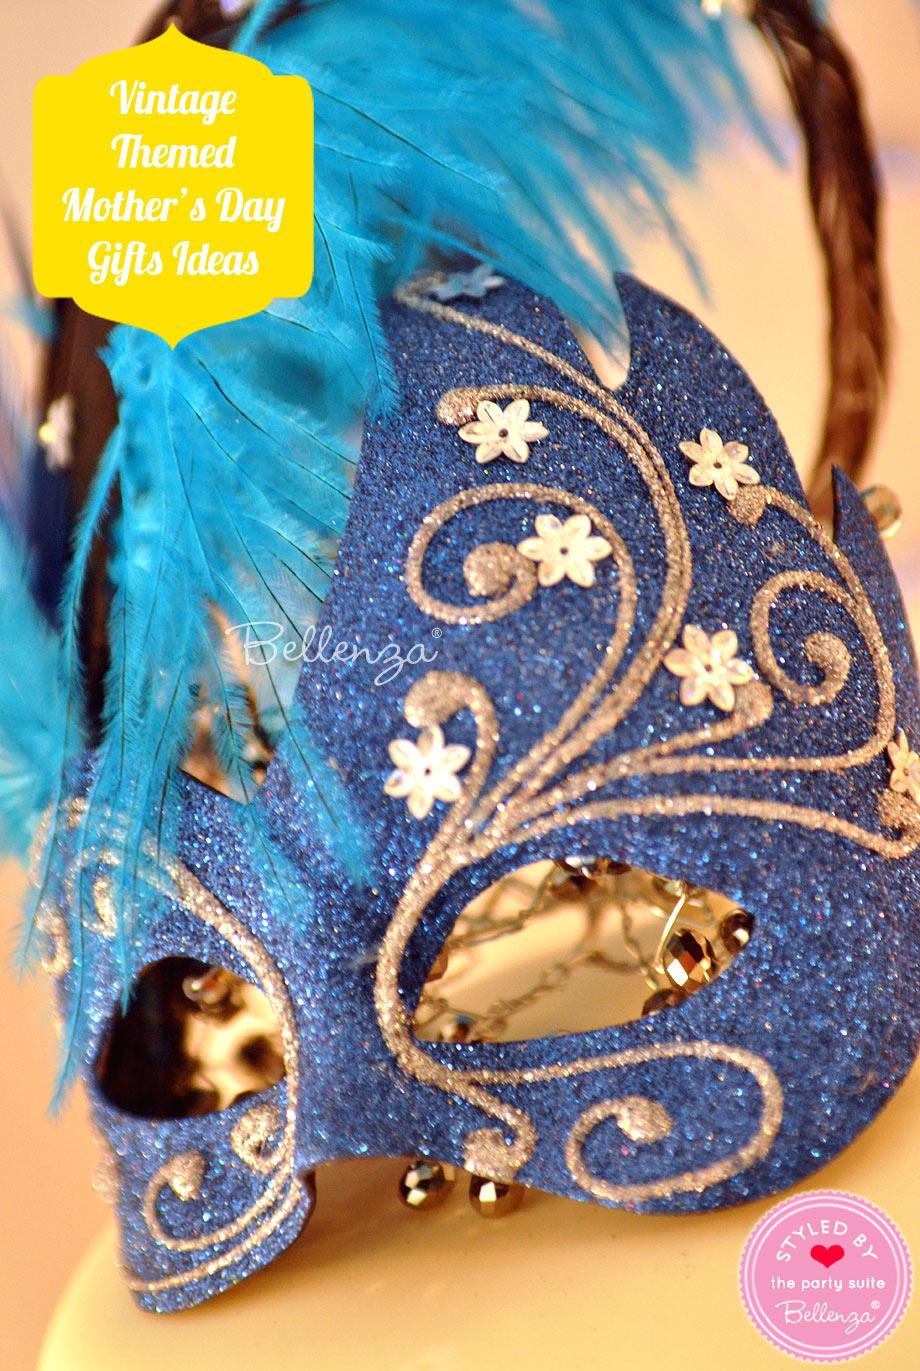 Venetian Masquerade Ball Mask